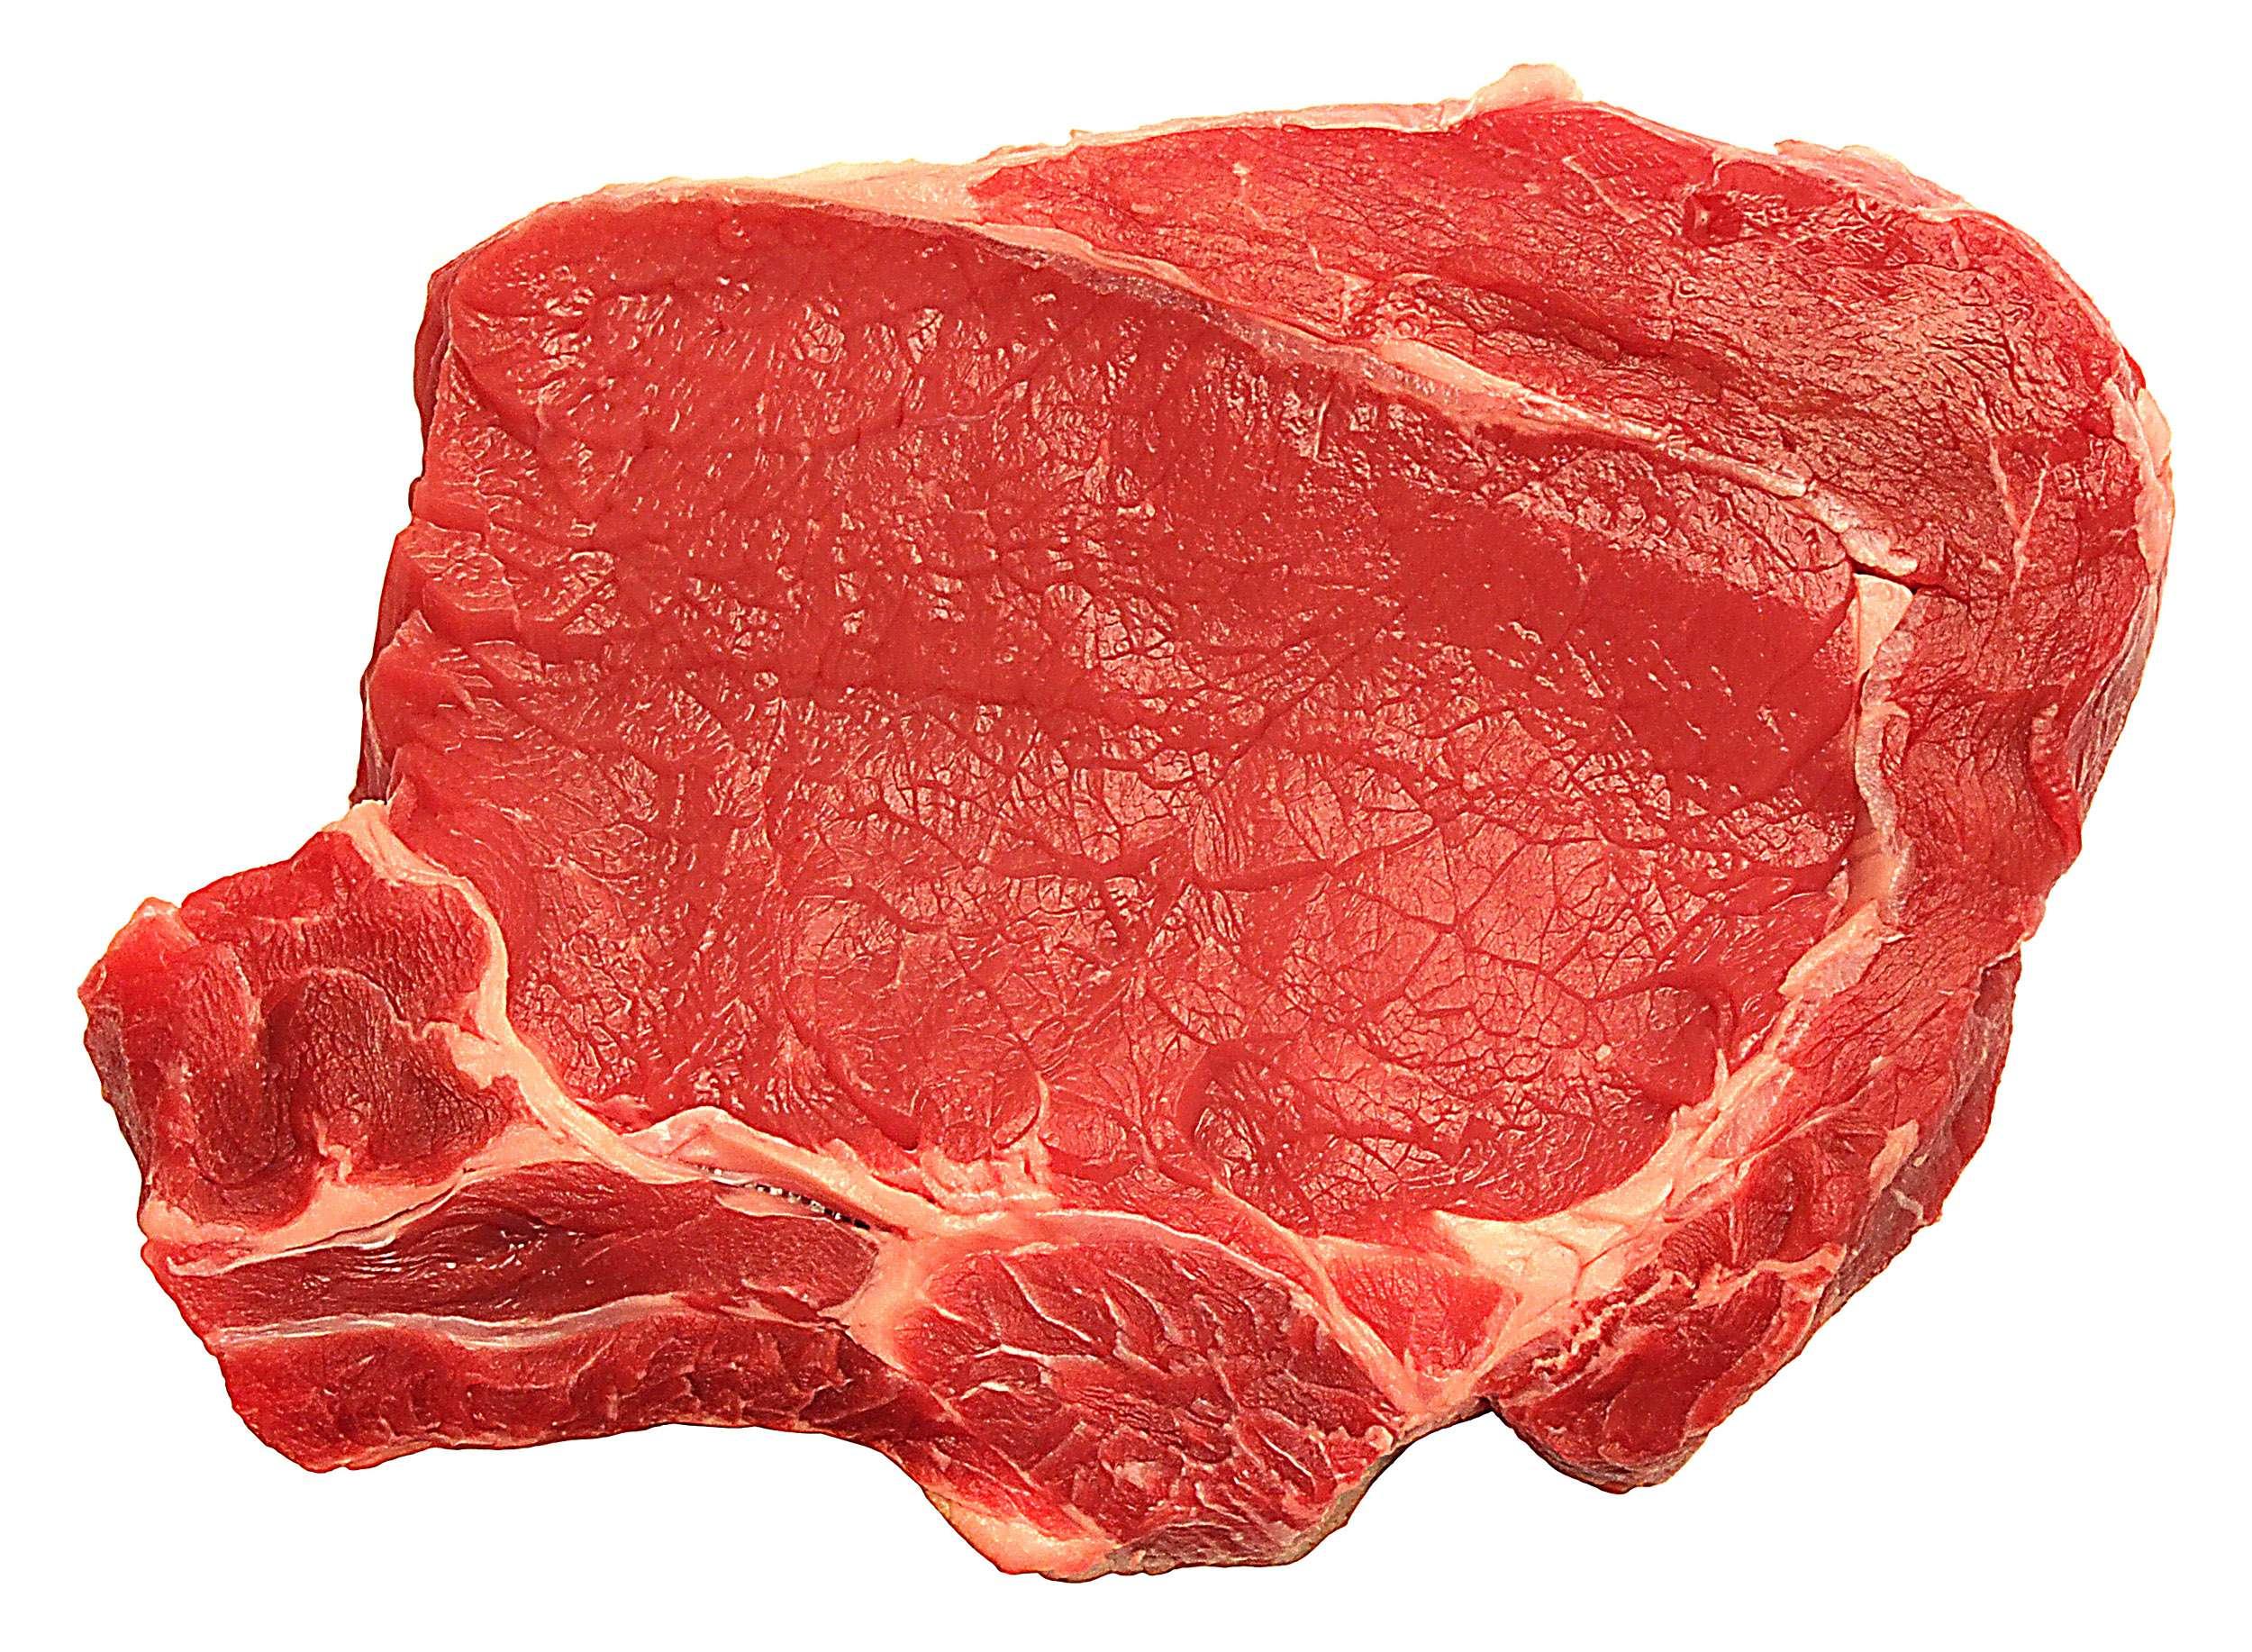 Рынок заменителей мяса в США достиг почти $4 миллиардов